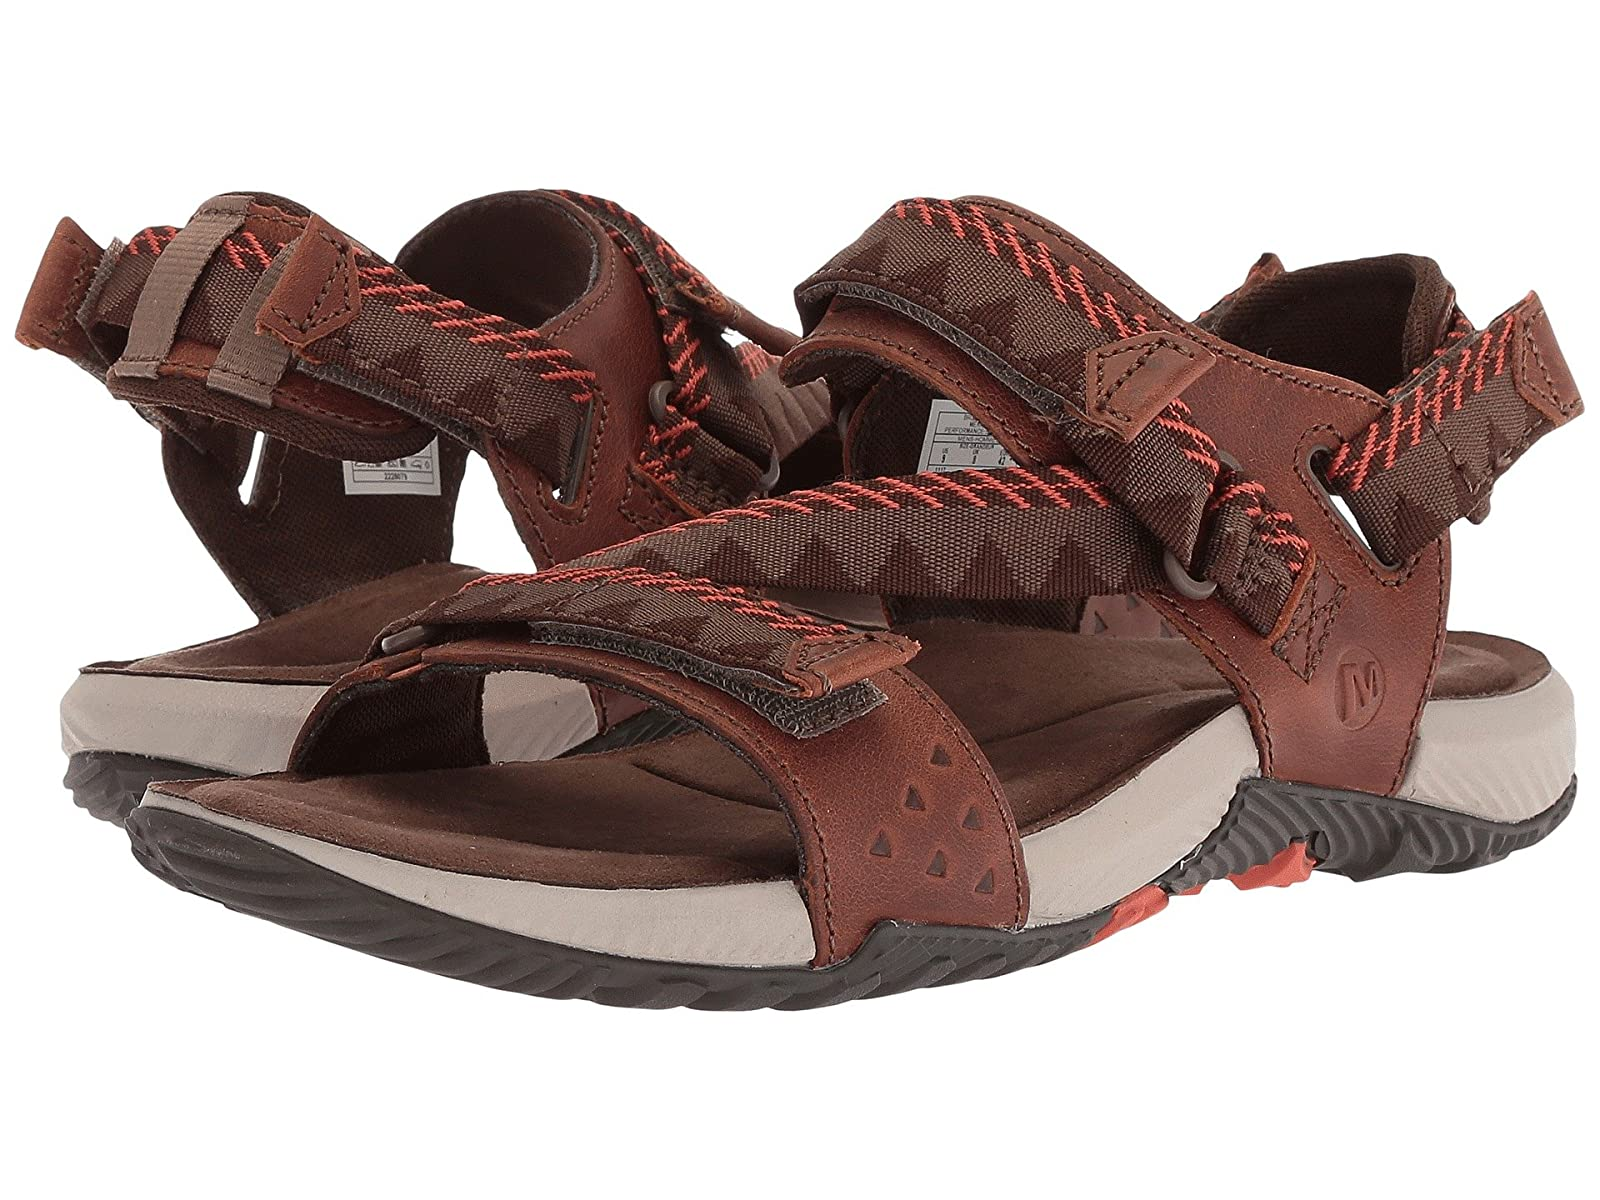 Merrell Terrant ConvertibleCheap and distinctive eye-catching shoes